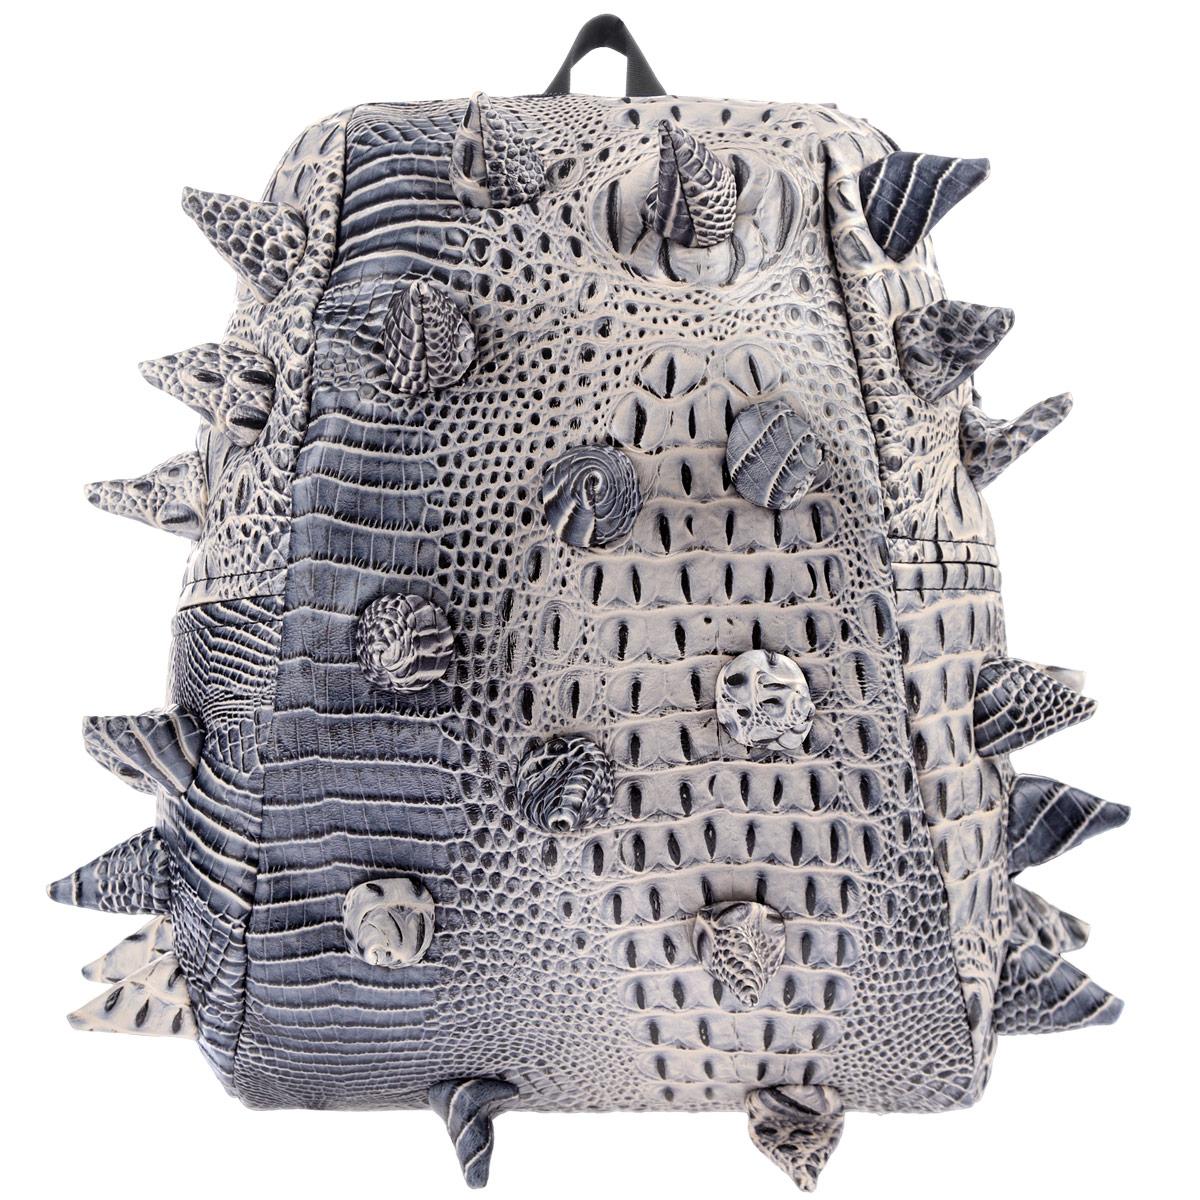 """Рюкзак городской MadPax Gator Half, цвет: коричневый, серый, 16 л807Городской рюкзак MadPax Gator Half - это стильный и практичный аксессуар, уместный в ритме большого города. Верх рюкзака выполнен из 100% поливинила с тиснением под рептилию, шипы придают изделию неповторимый дизайн. Подкладка изготовлена из нейлона. Рюкзак имеет одно основное отделение, которое закрывается на застежку-молнию. Внутри поместится ноутбук с диагональю 13"""", iPad и бумаги формата А4. Также внутри содержится небольшой карман на молнии для мелких вещей. Модель оснащена ручкой для переноски в руке, а также мягкими и широкими плечевыми лямками, которые можно регулировать по длине. Полностью вентилируемая и ортопедическая спинка создает дополнительный комфорт вашей спине. Сзади расположен кармашек из прозрачного ПВХ для визитки. MadPax - это крутые рюкзаки в стиле фанк, которые своим неповторимым дизайном бросают вызов монотонности и скуке. Эти уникальные рюкзаки помогают детям всех возрастов самовыражаться, а их внутренняя структура с отделениями, карманами и застежками-молниями делает их невероятно практичными. Материал: поливинил, нейлон, пластик, металл."""